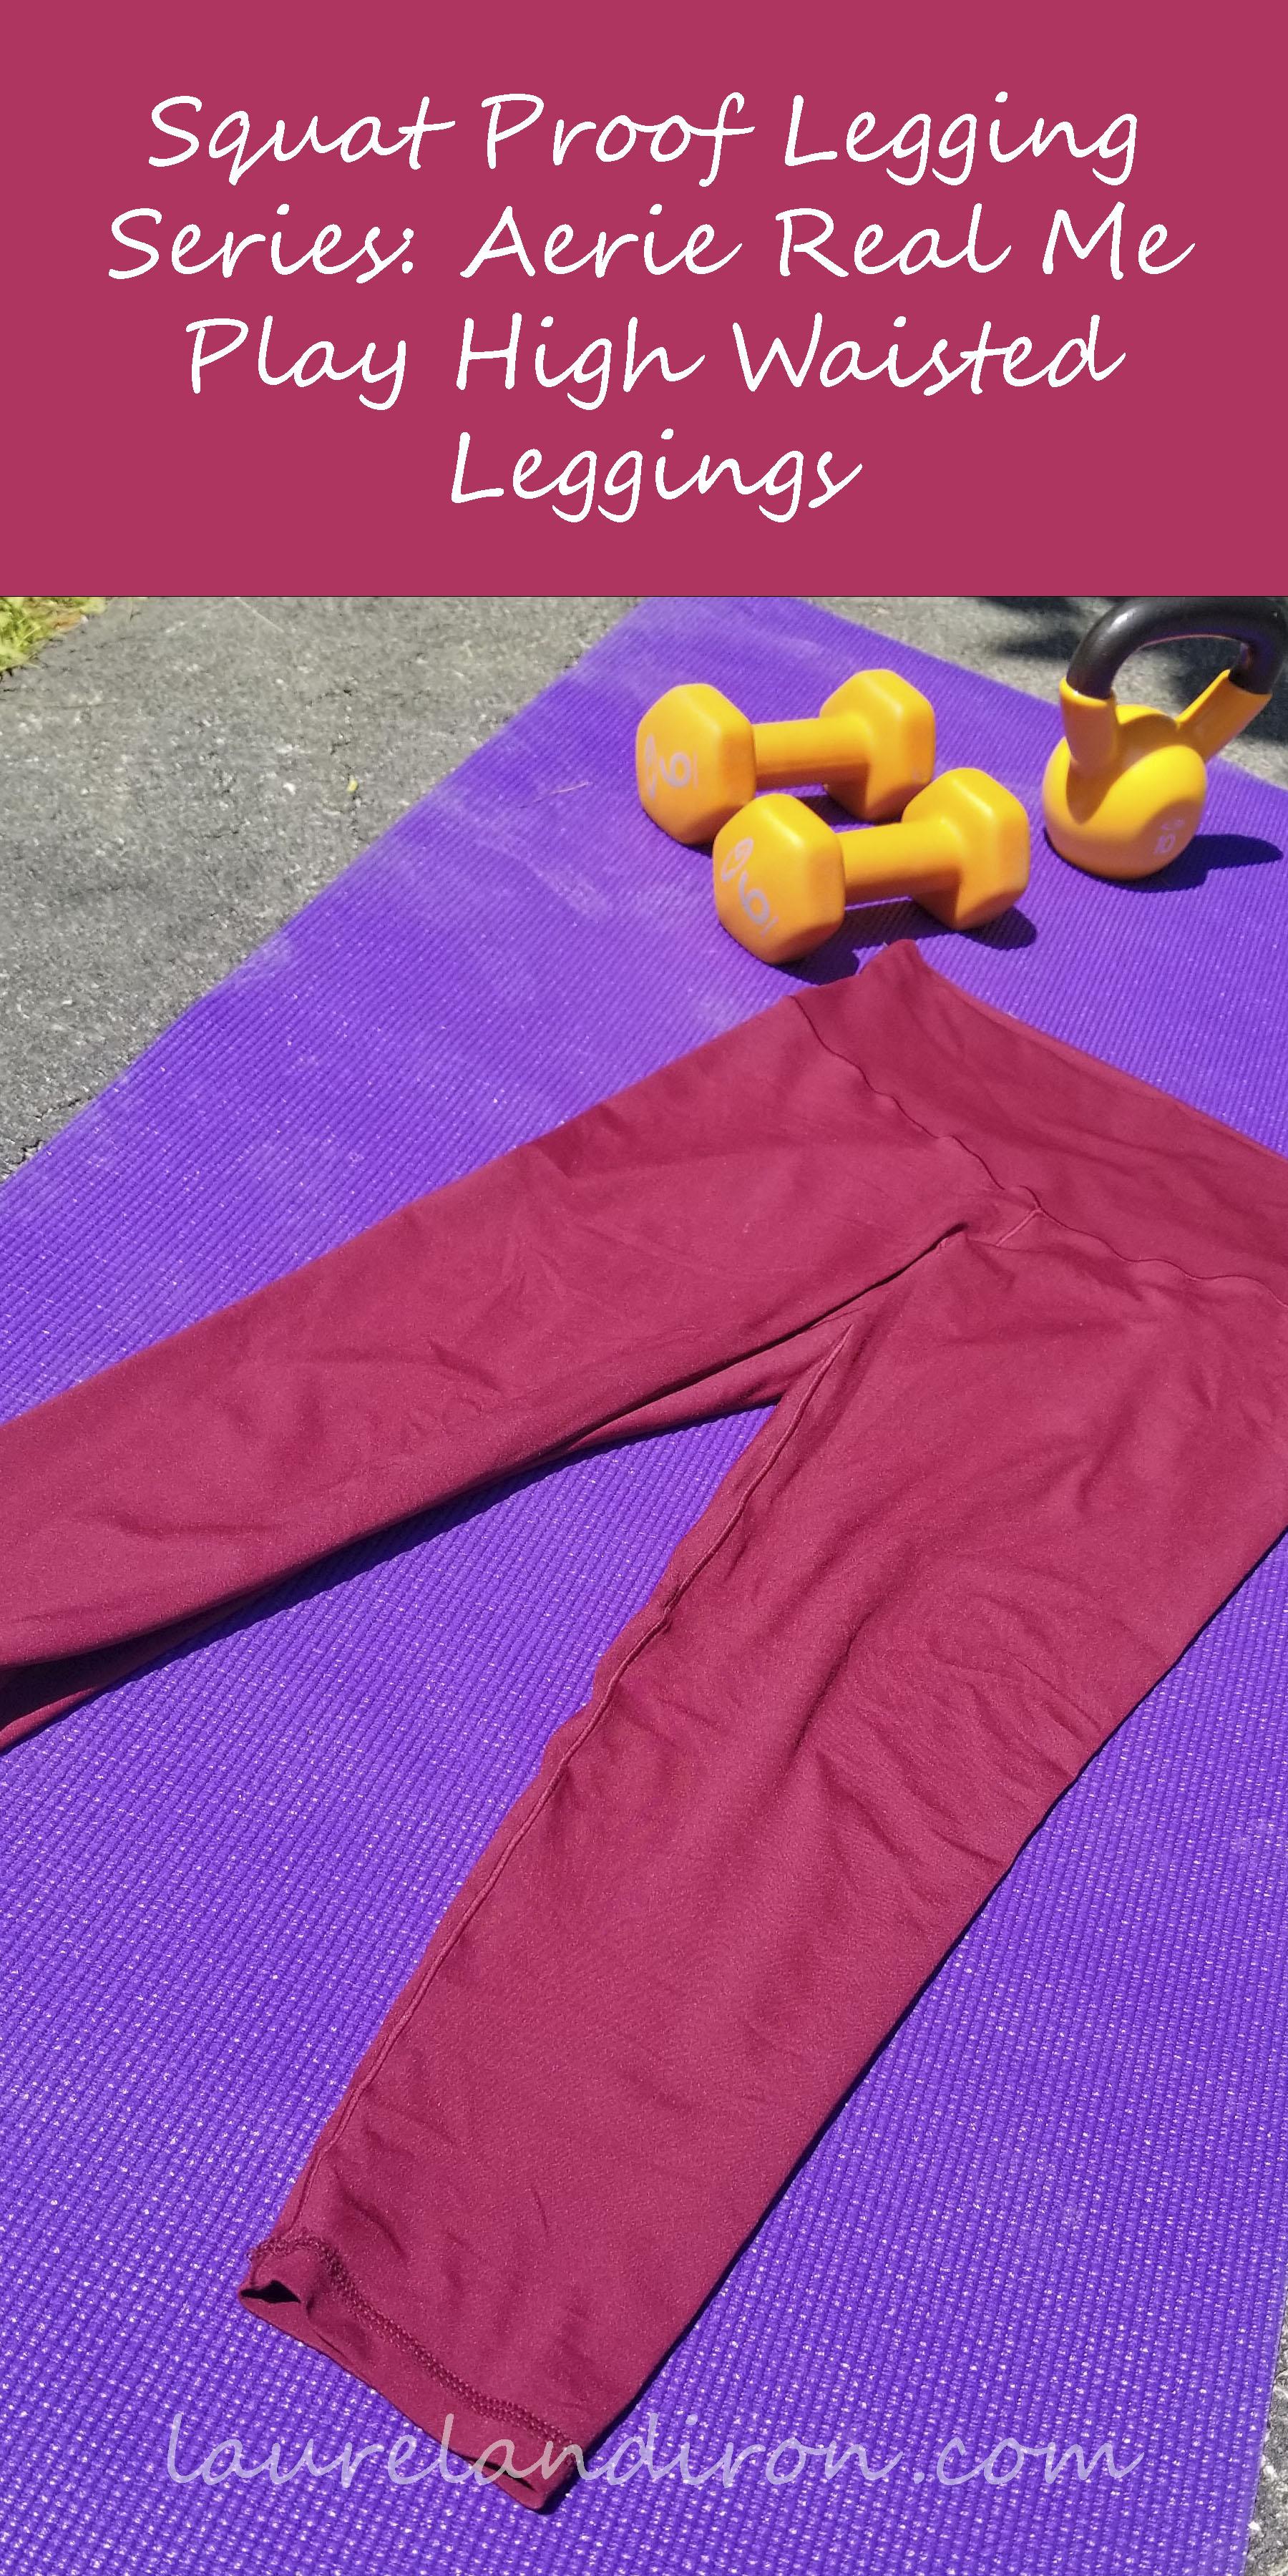 Squat Proof Leggings Part 4 :Aerie Play Leggings   Laurel and Iron